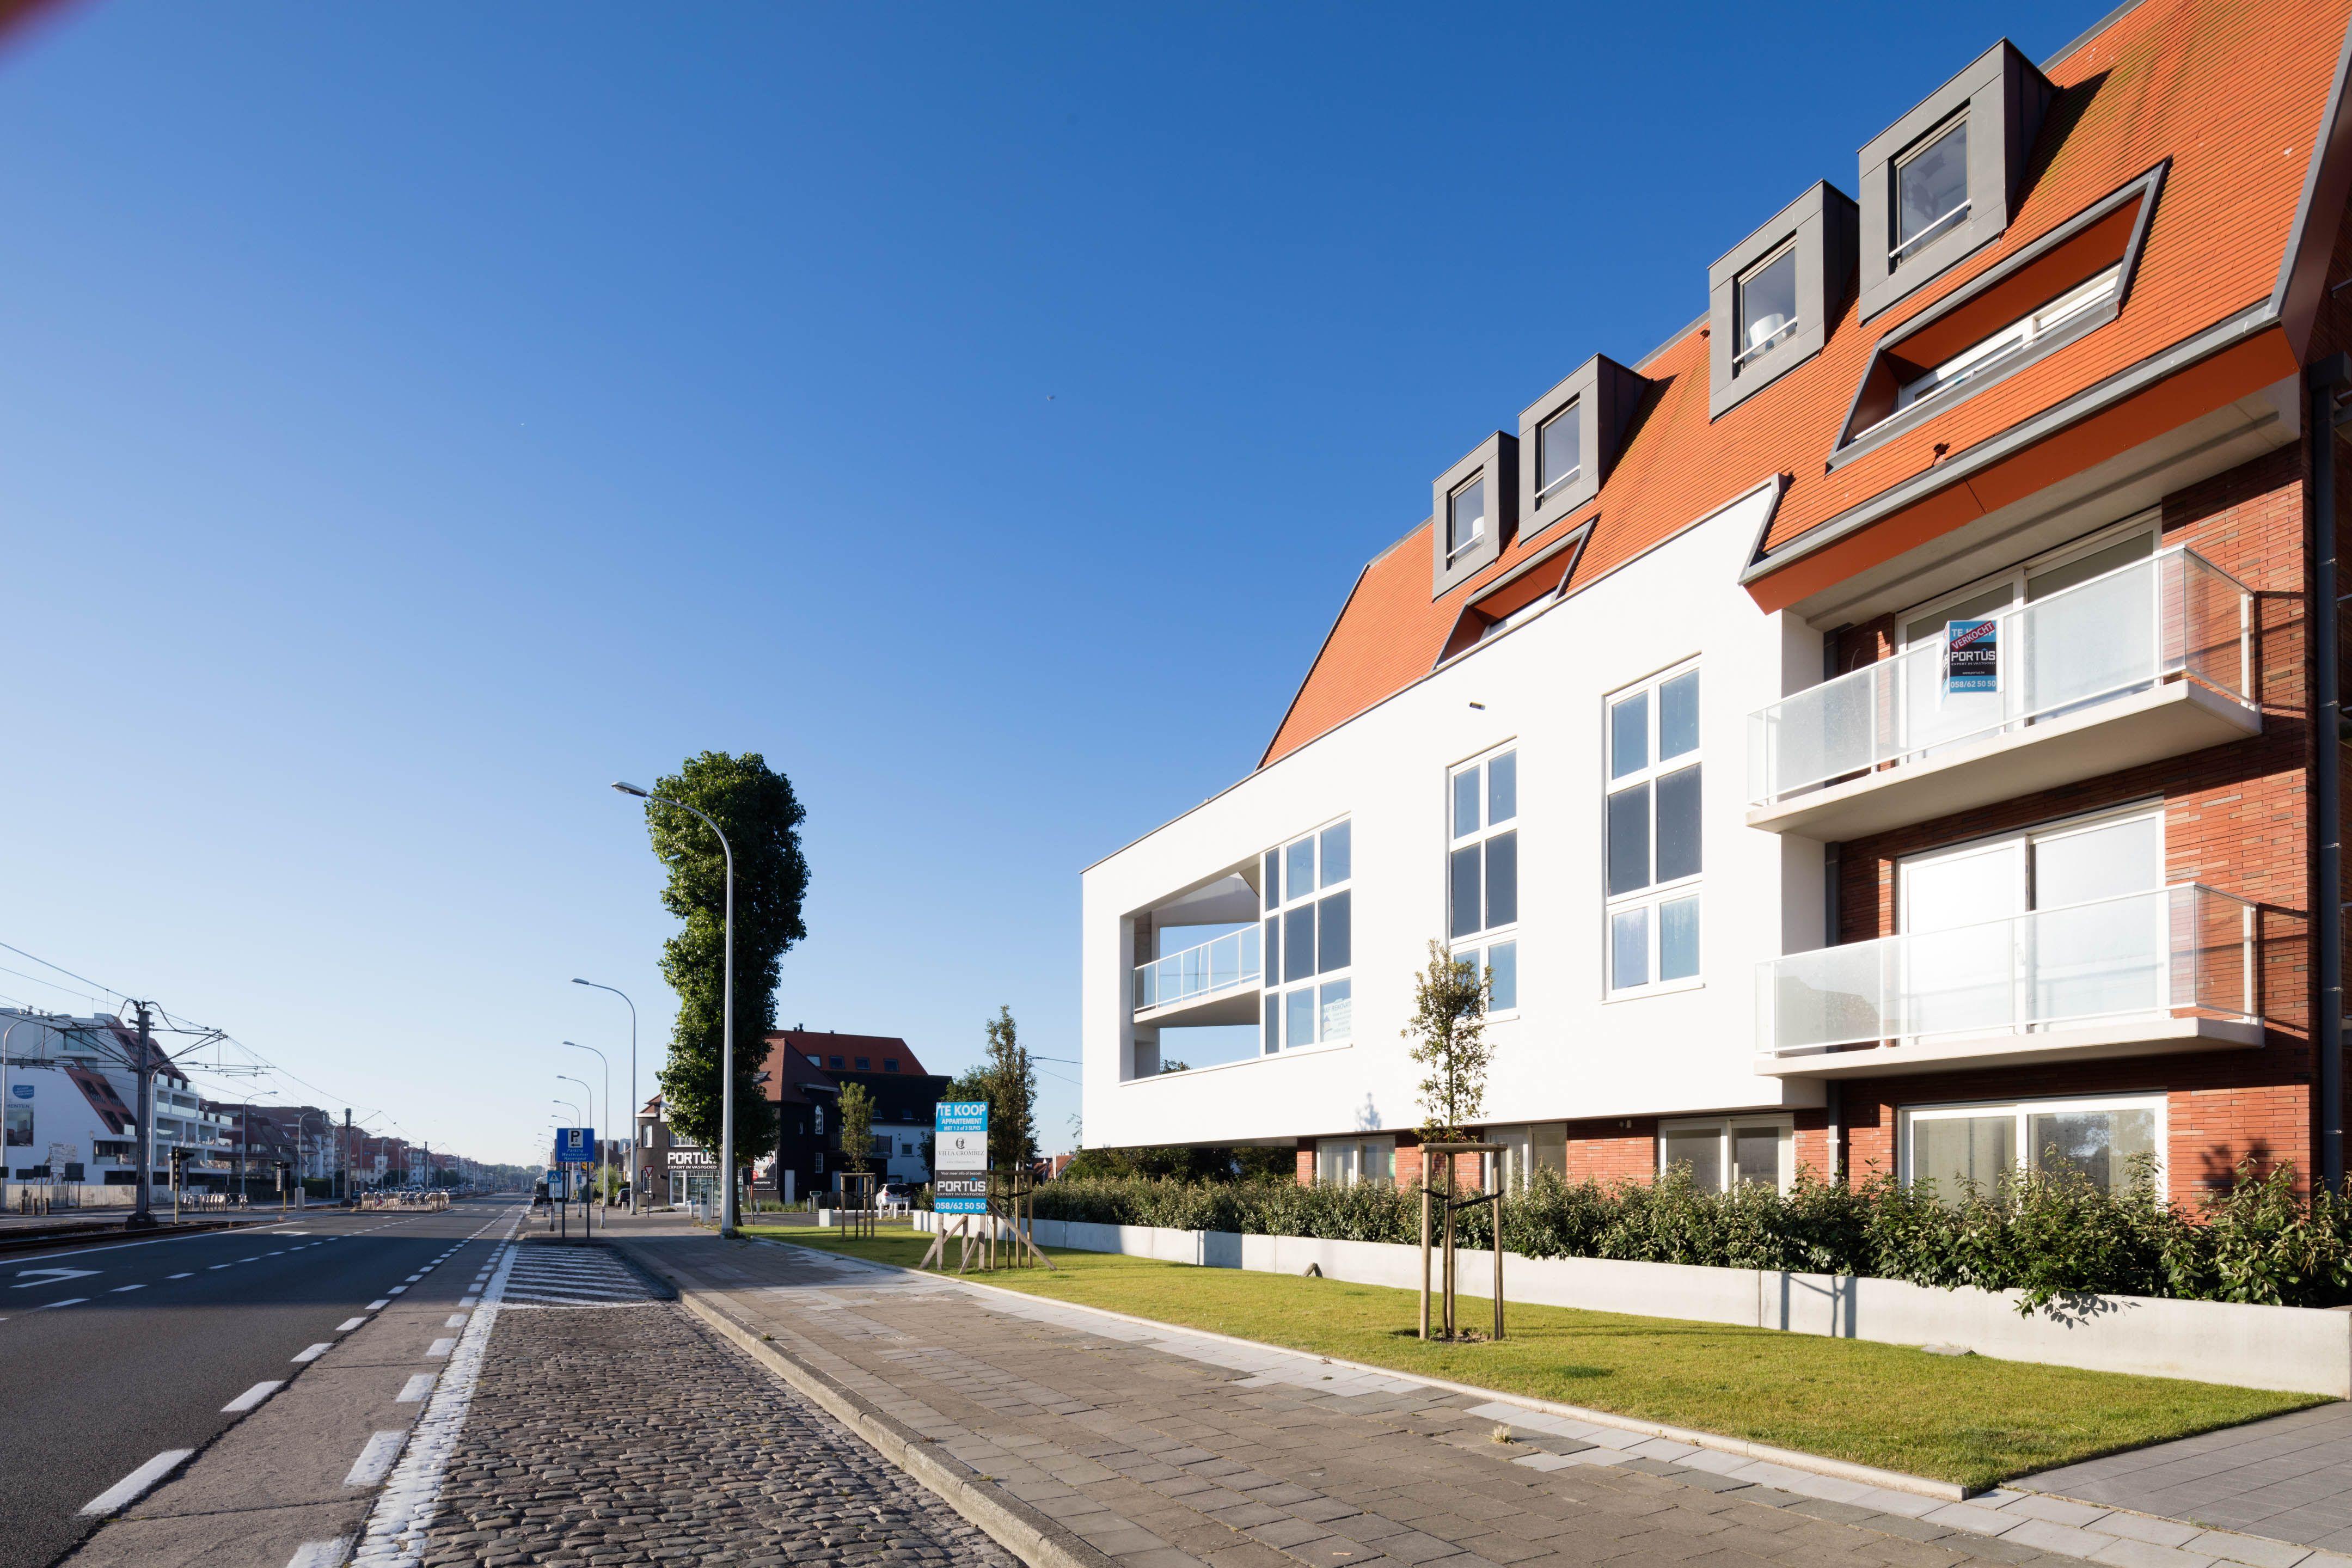 Appartement Residentie Villa Crombez Nieuwpoort - 9274